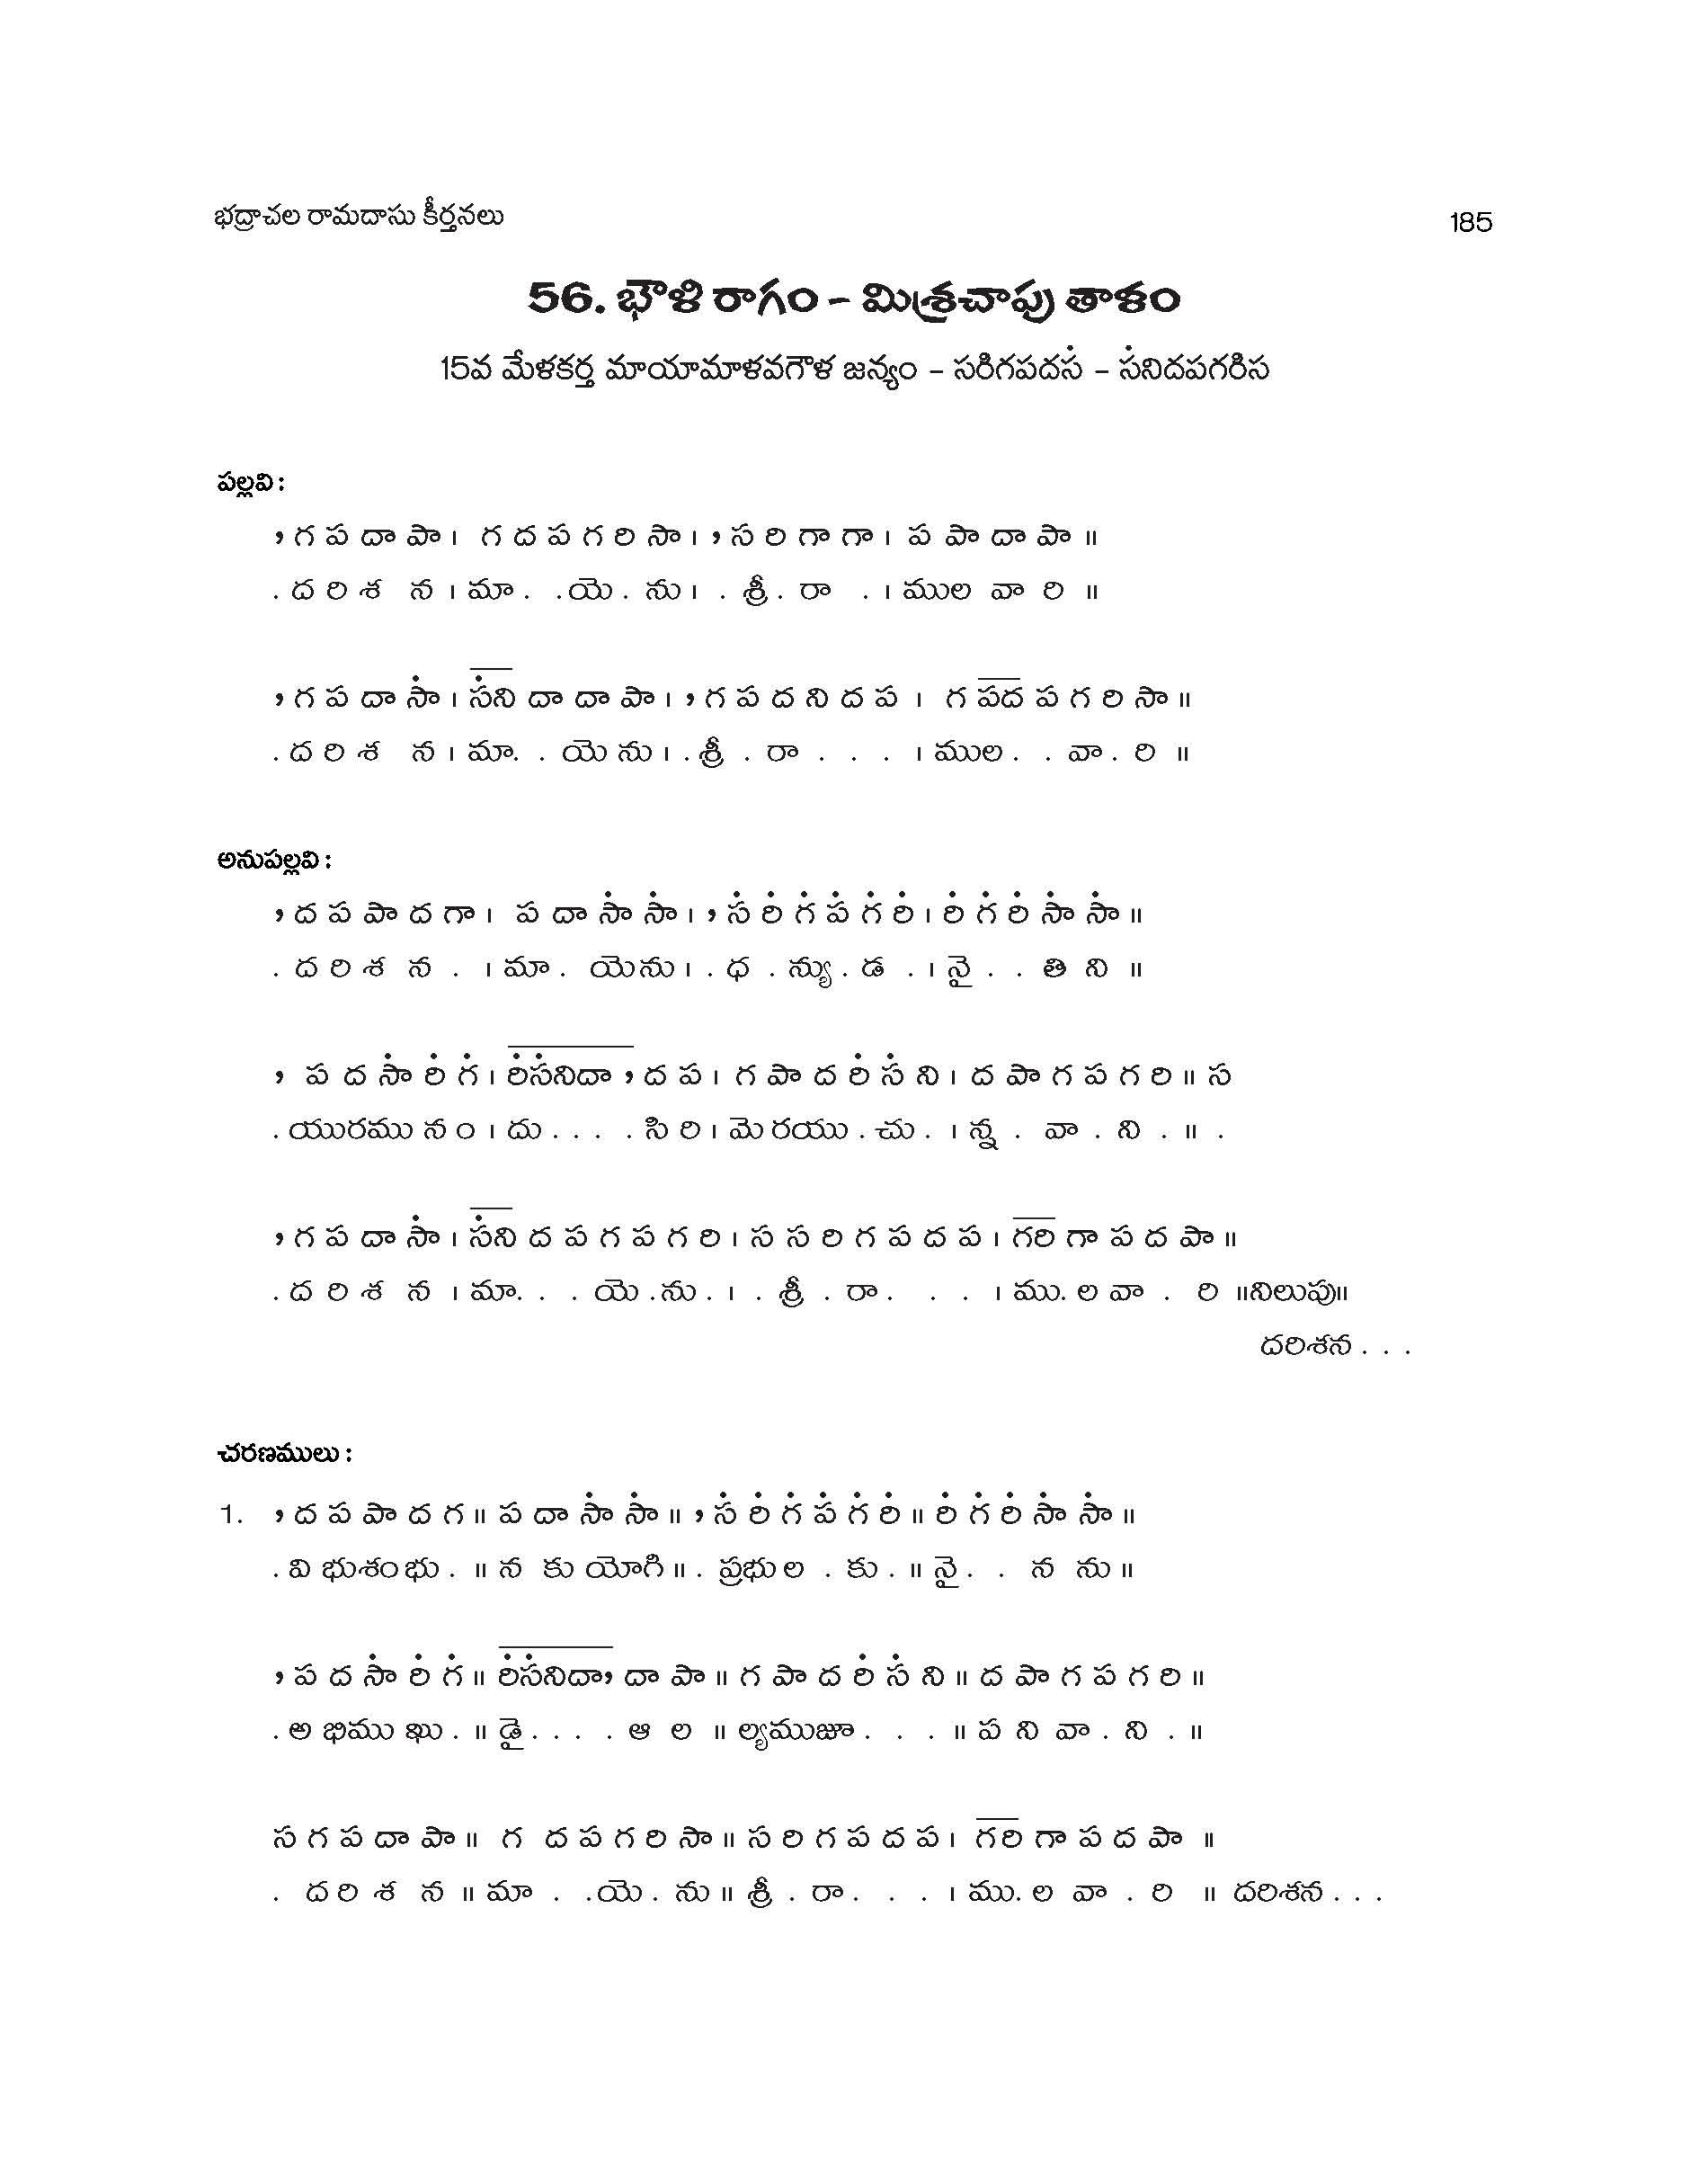 bhauli raagam mishrachaapu thalam, bhadrachala ramadasu keertanalu